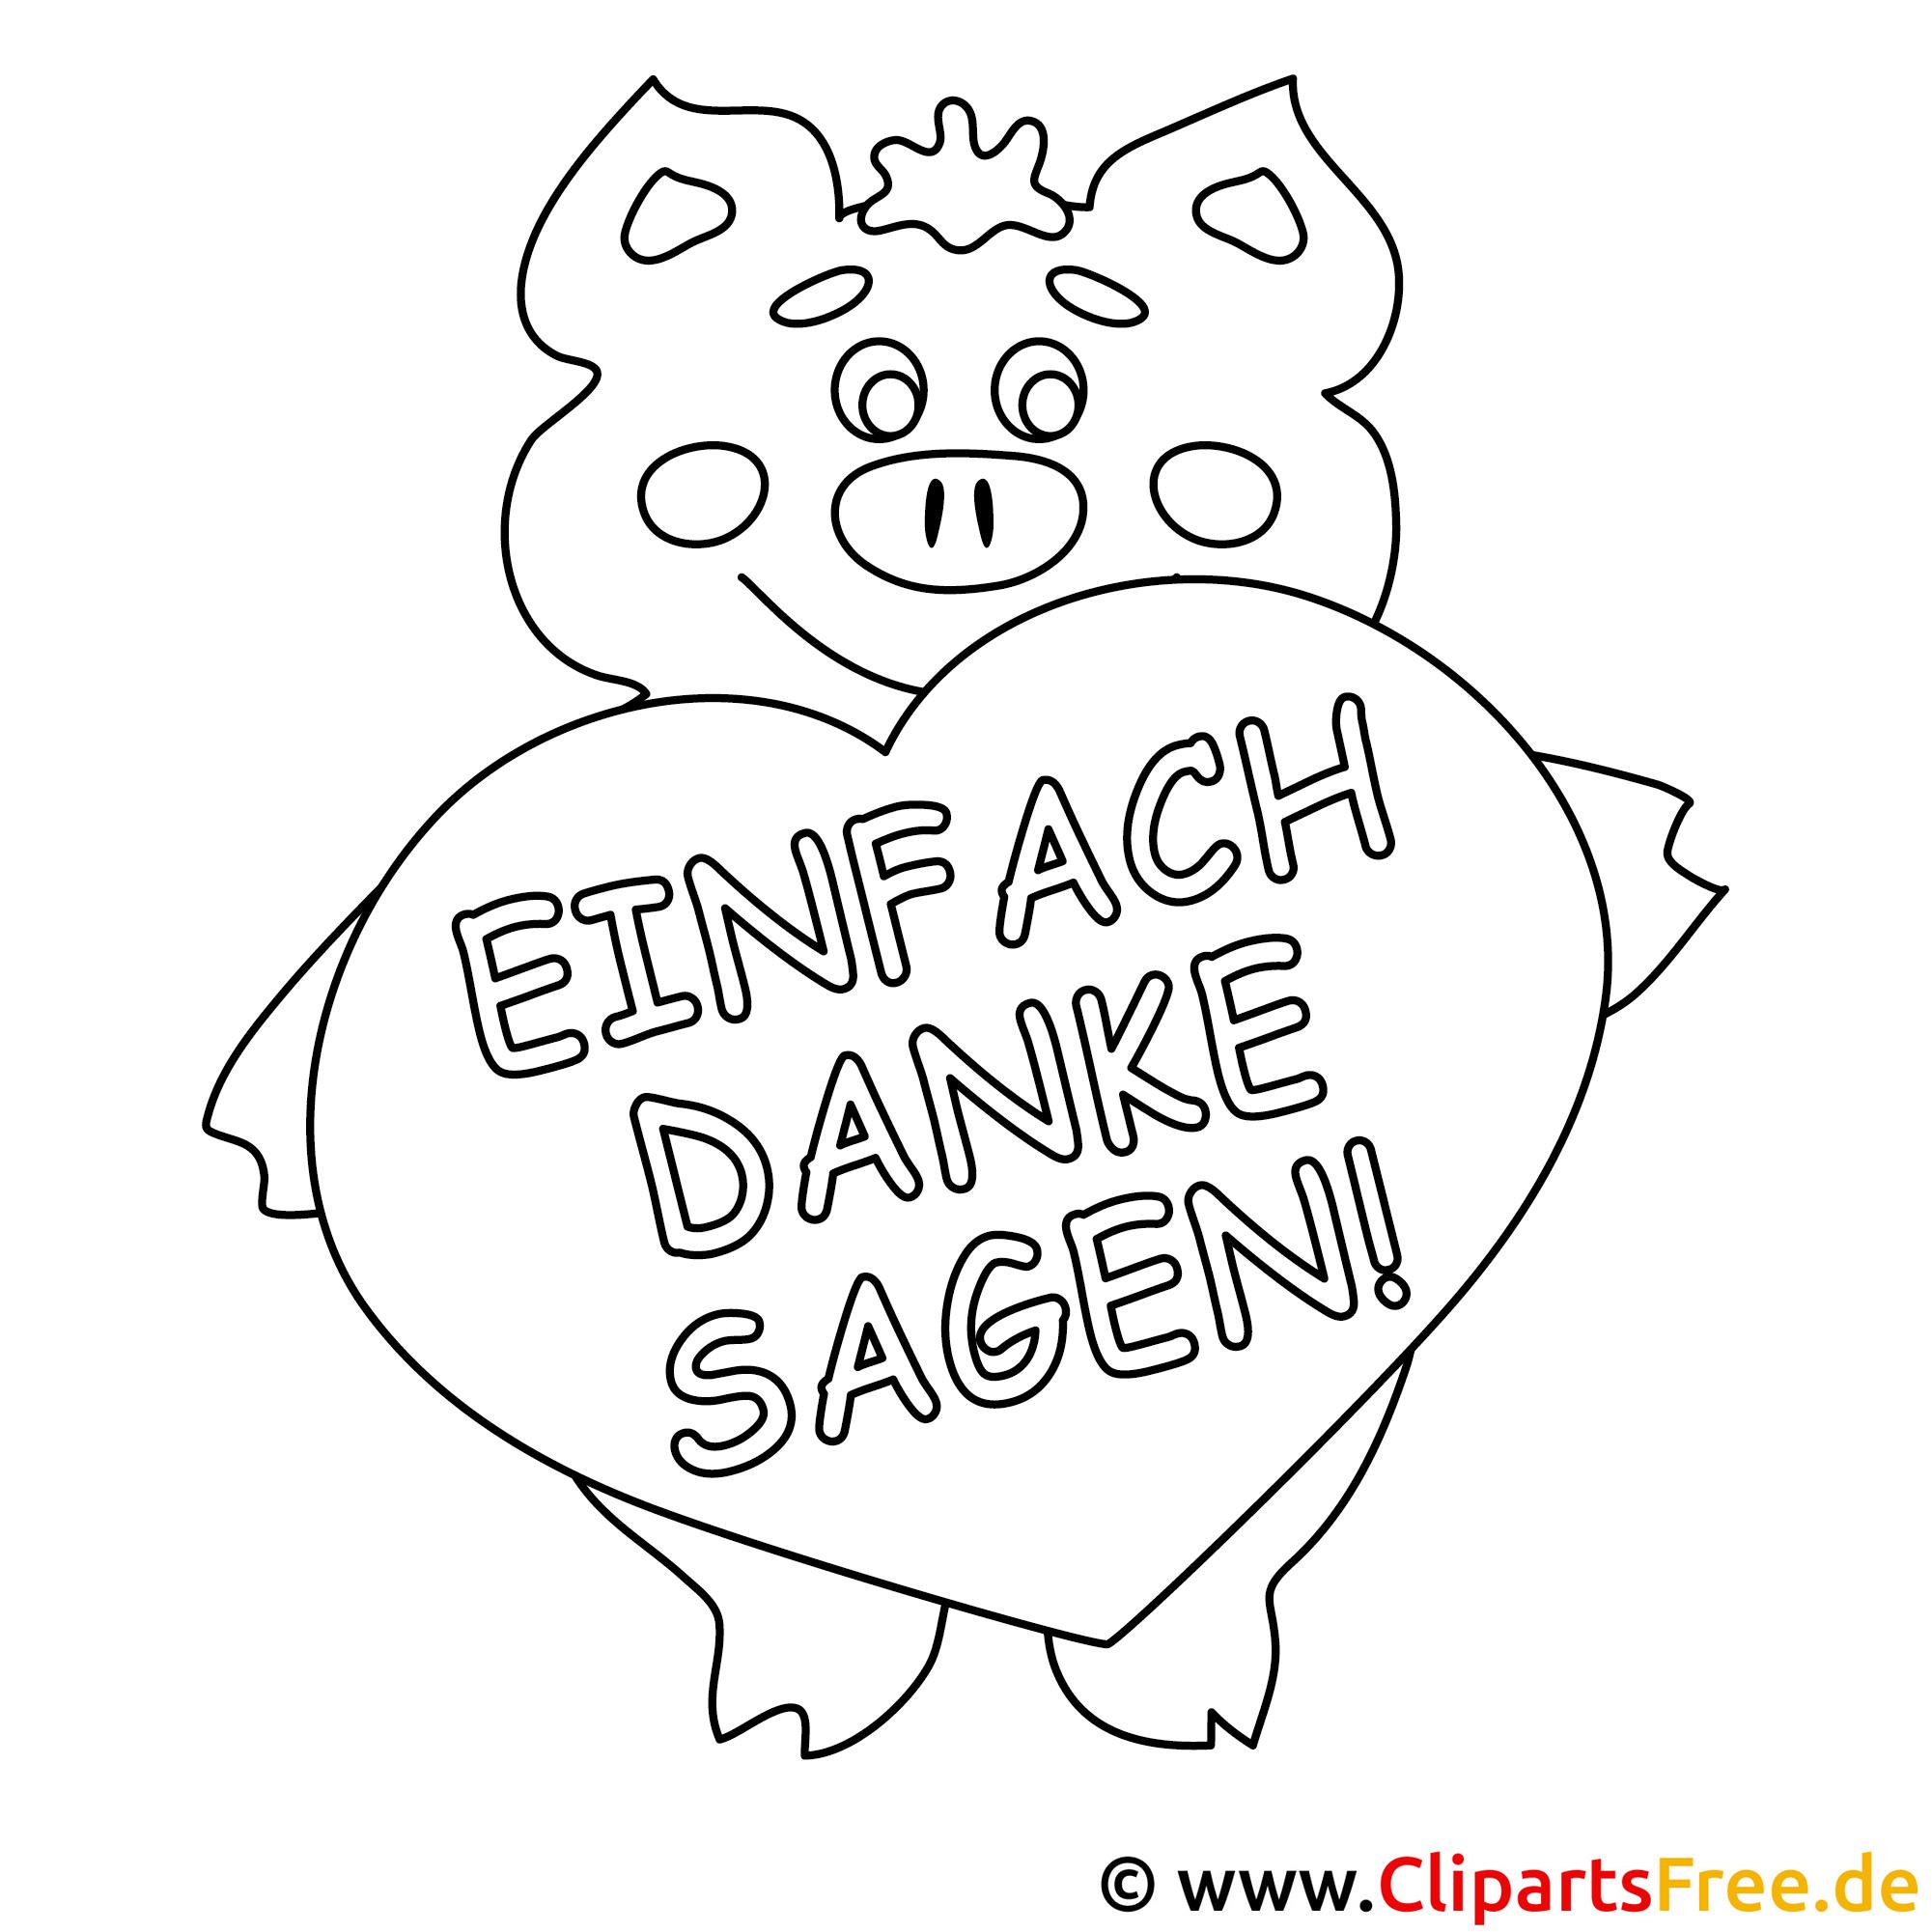 Schweinchen witzige ausmalbilder - Lustige bilder zum ausdrucken ...